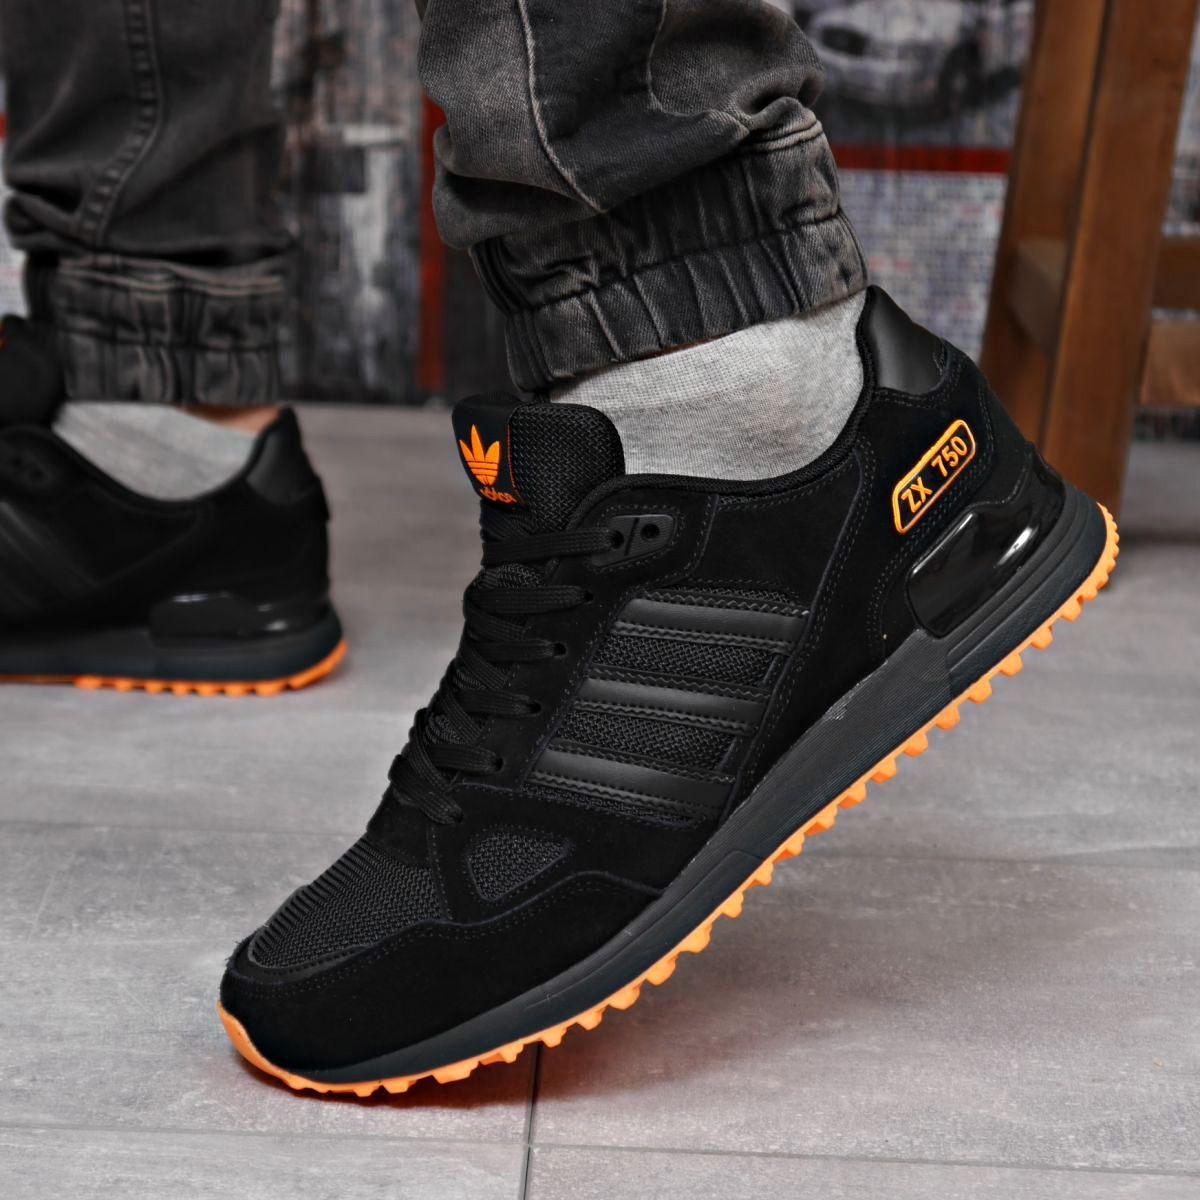 Кроссовки мужские 18163 ► Adidas ZX 750, черные . [Размеры в наличии: 41,43,44,45,46]